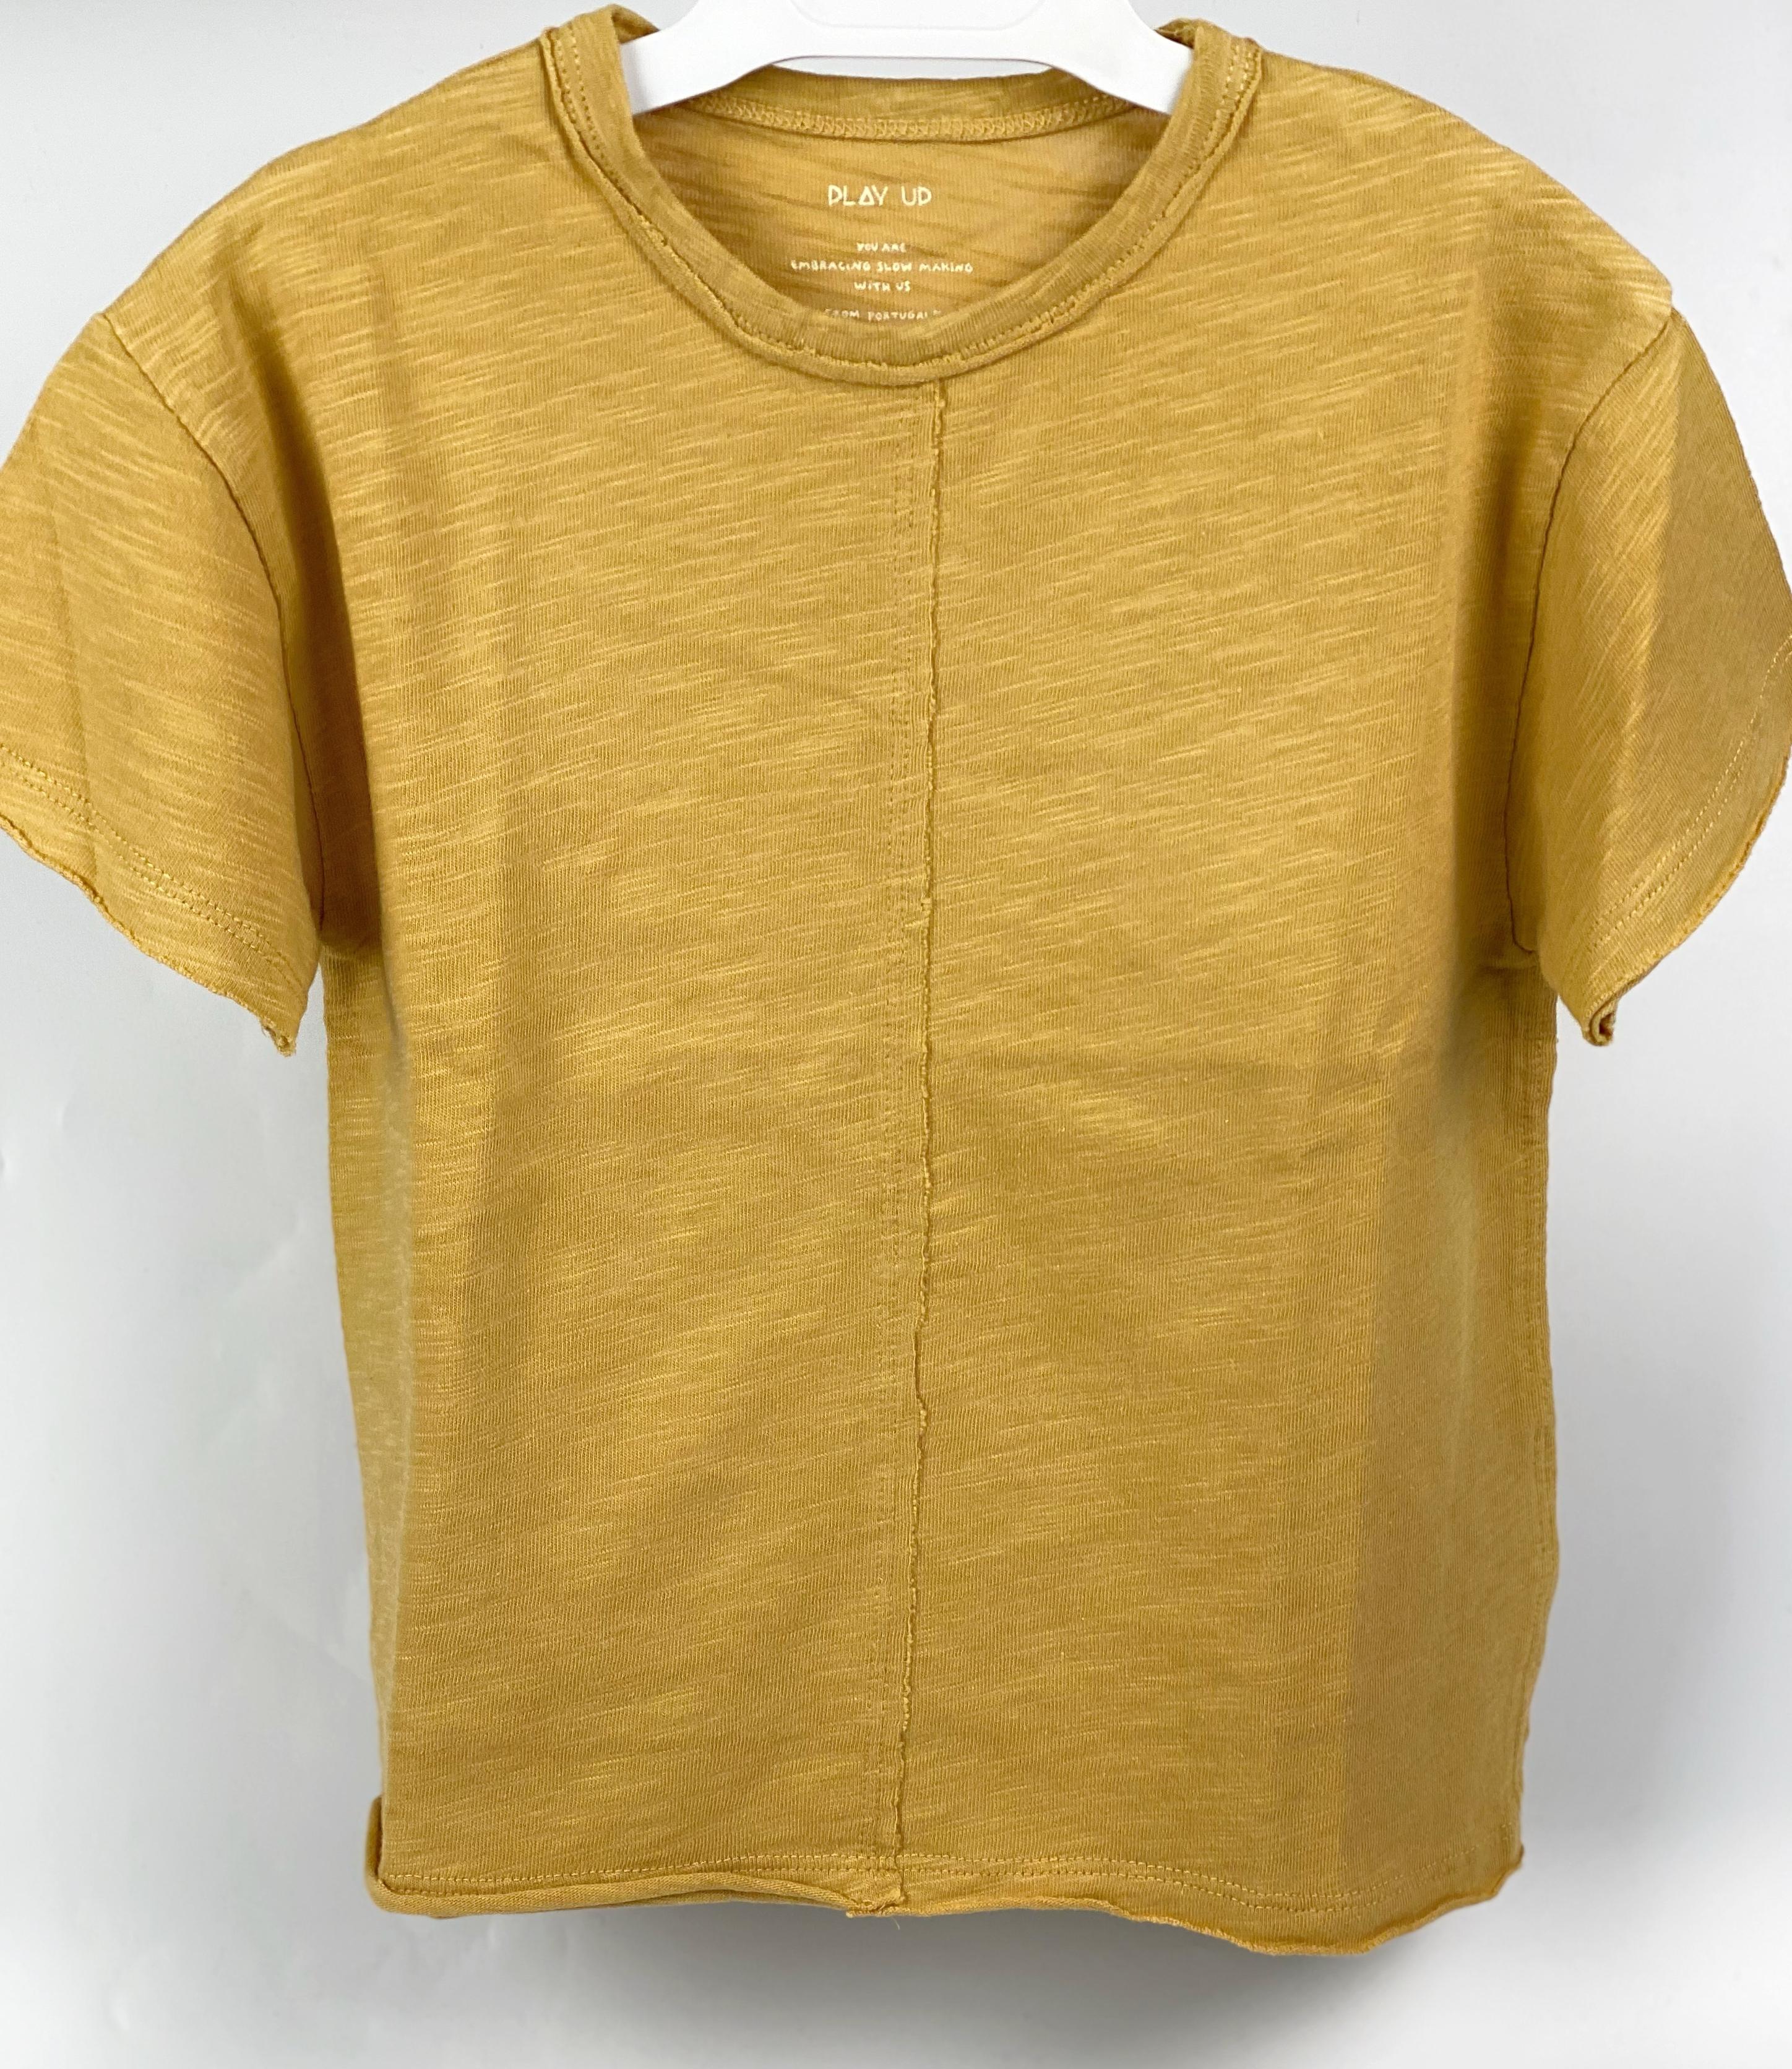 t-shart jersey